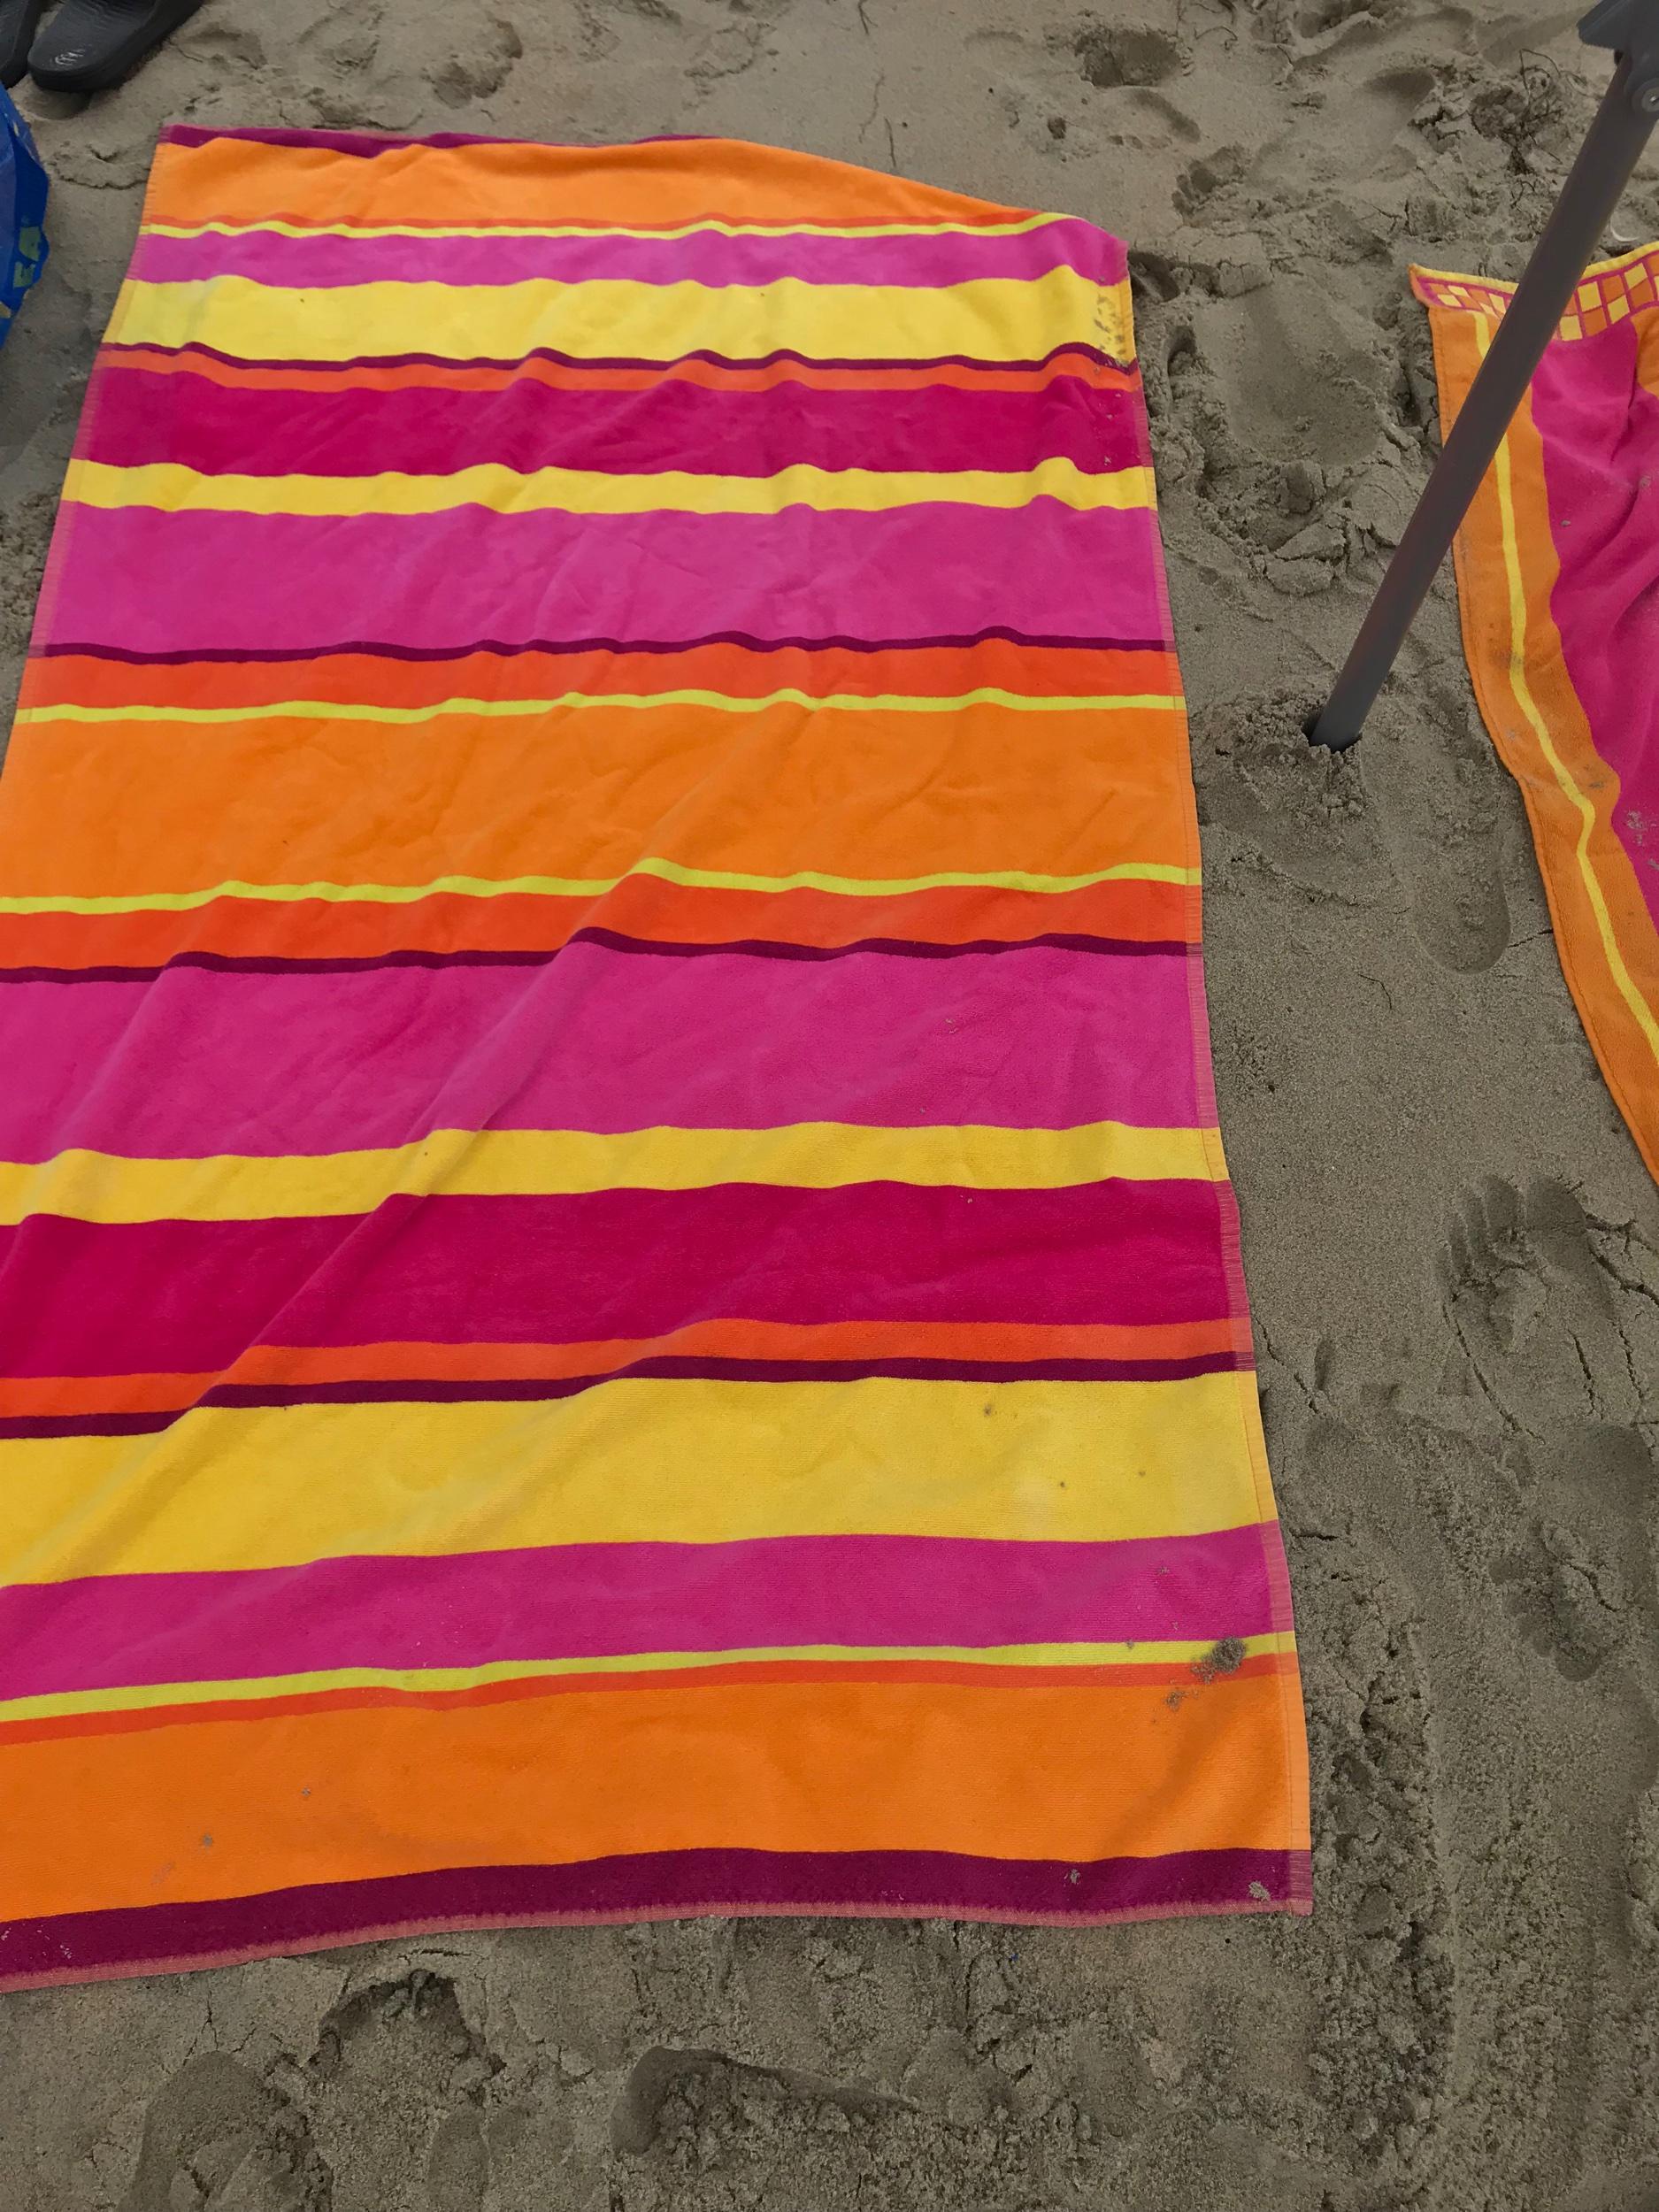 Beach blanket on the sand